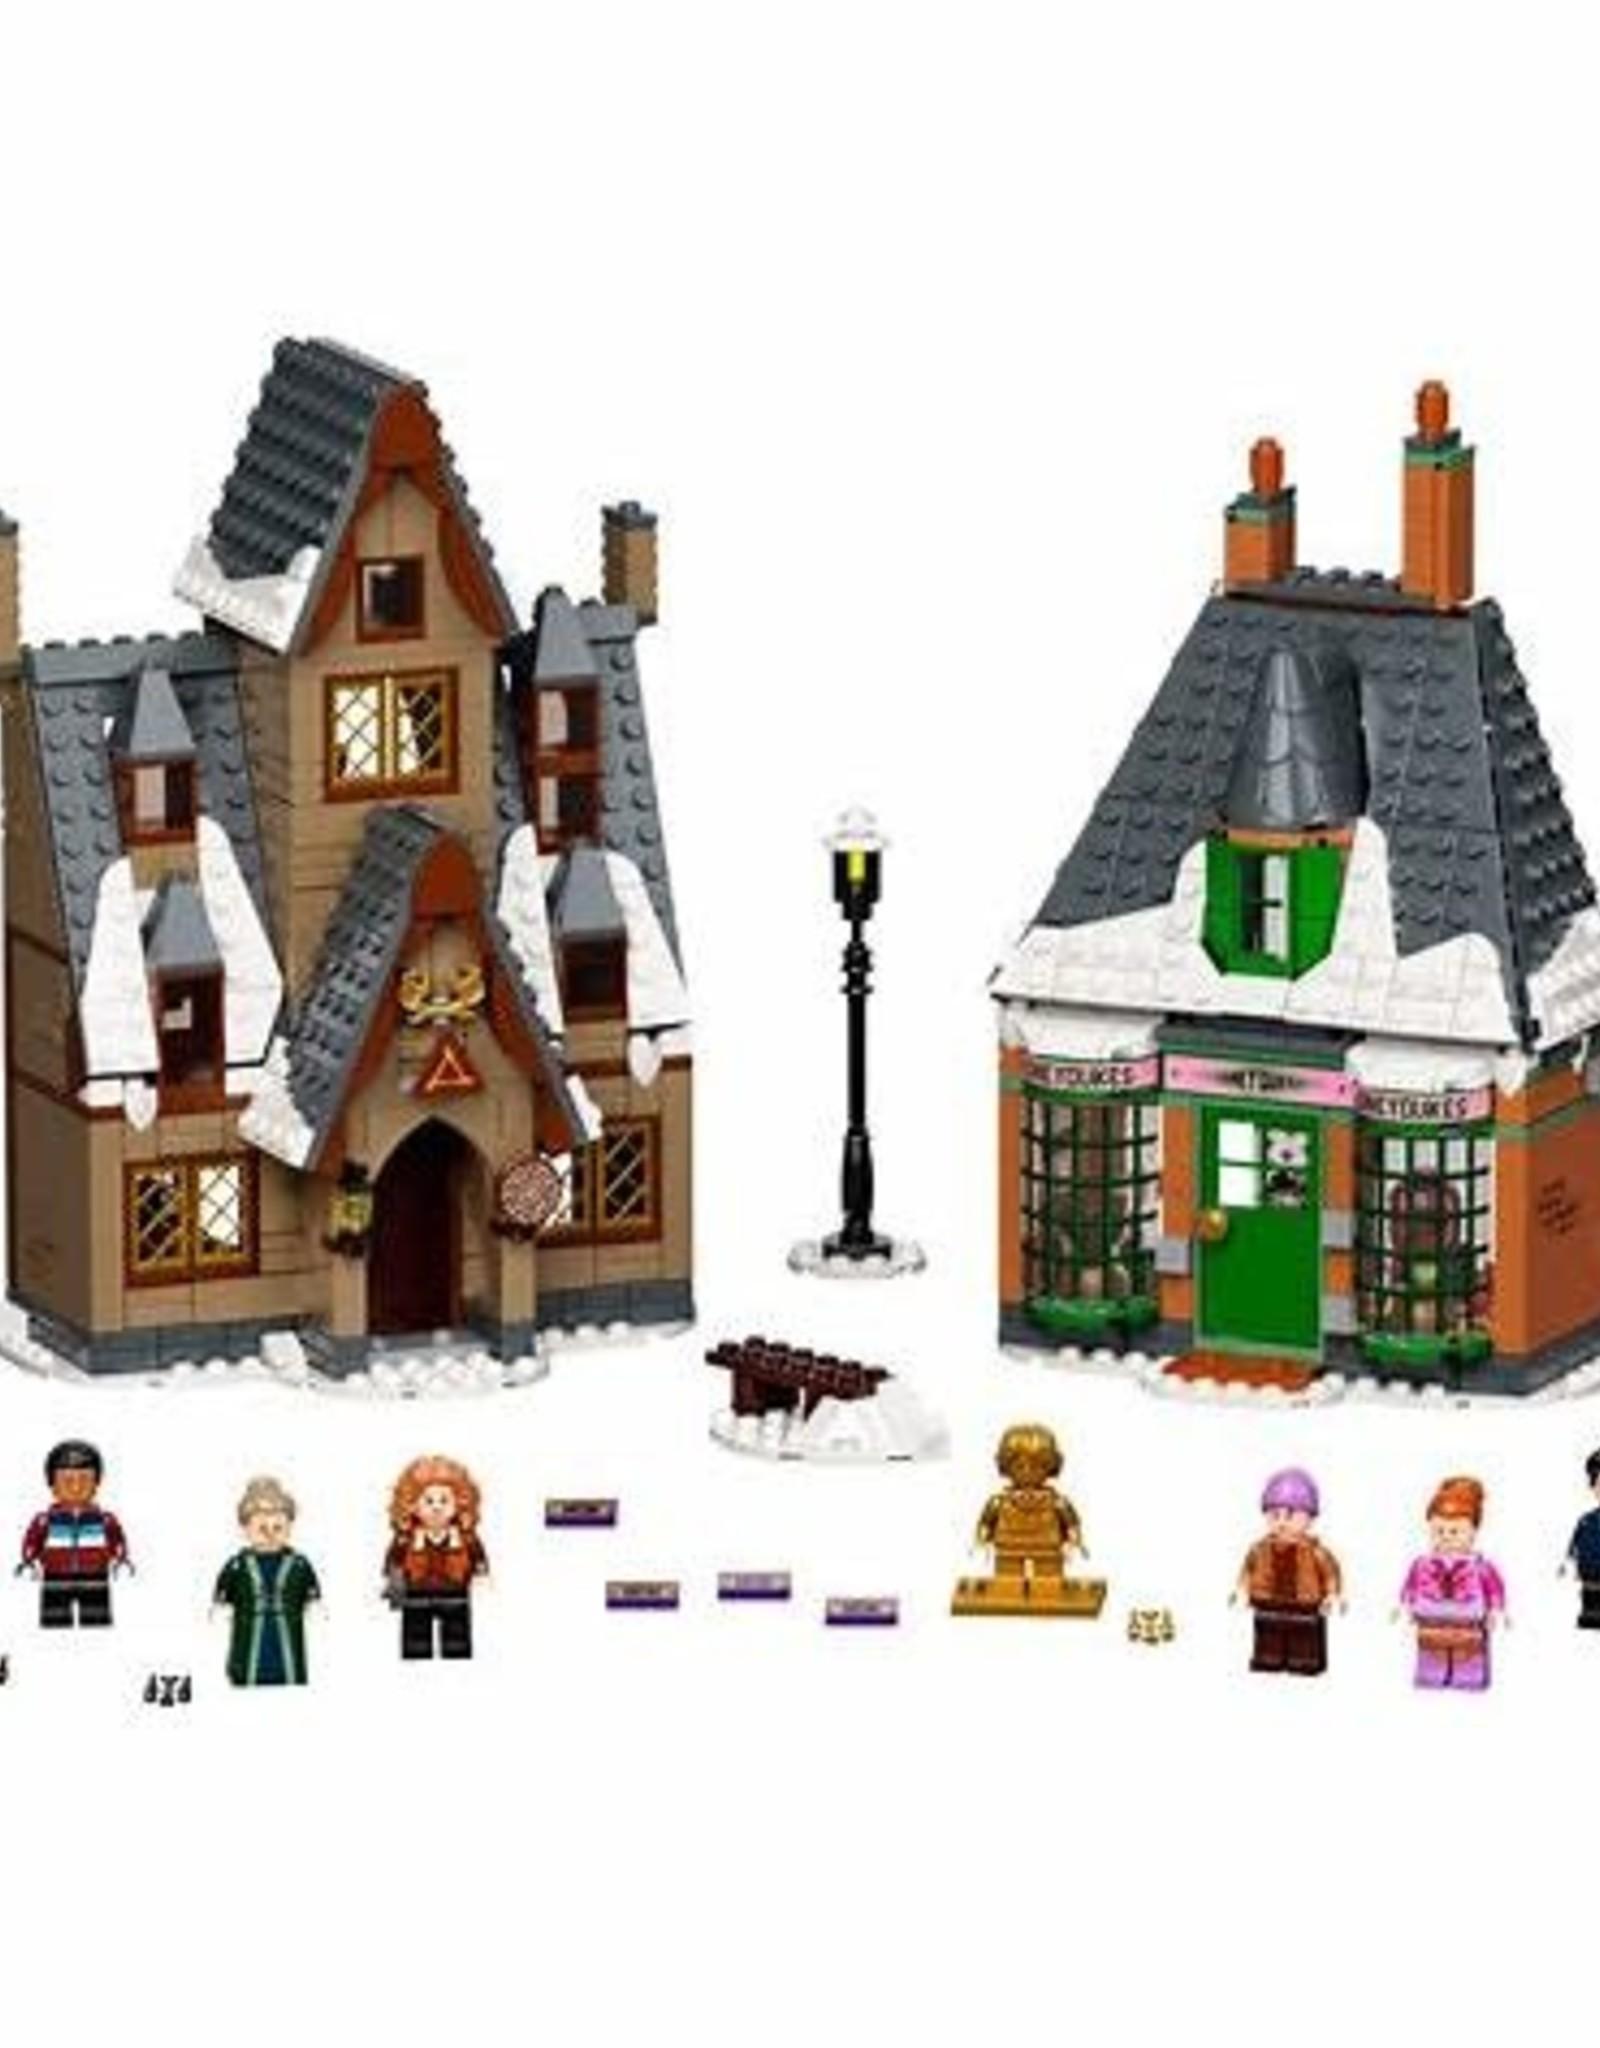 Harry Potter Hogsmeade Village Visit